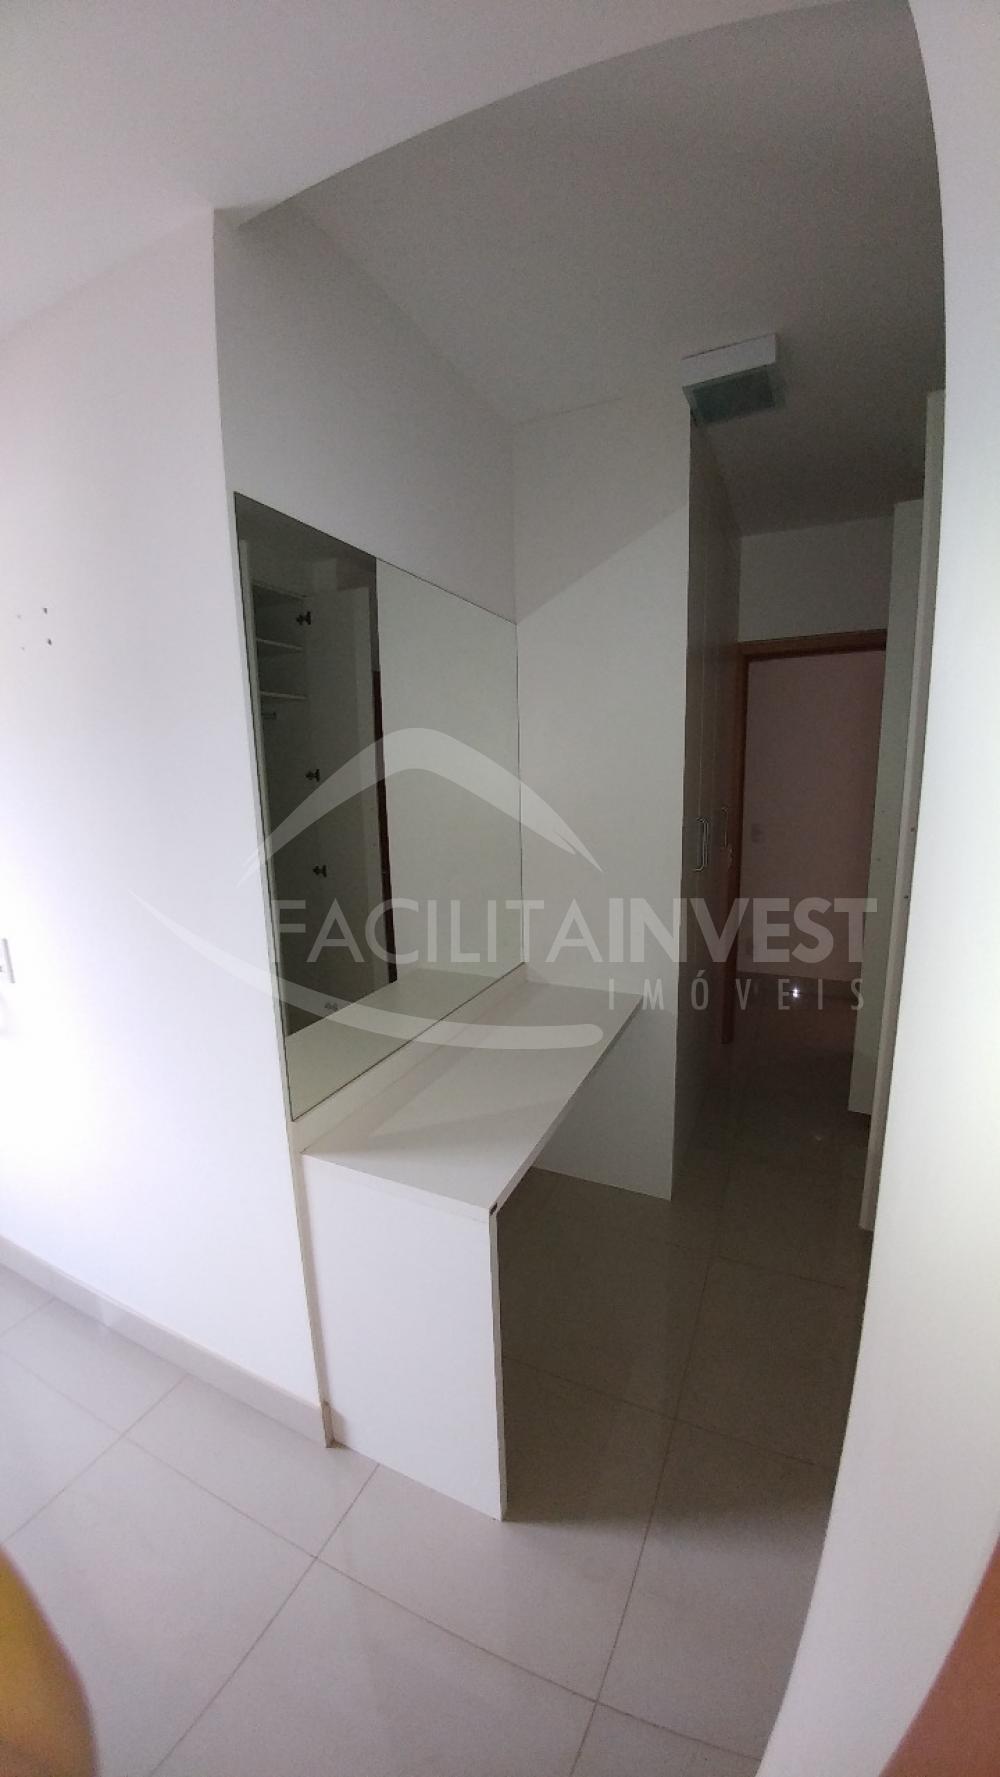 Alugar Apartamentos / Apart. Padrão em Ribeirão Preto apenas R$ 3.500,00 - Foto 19